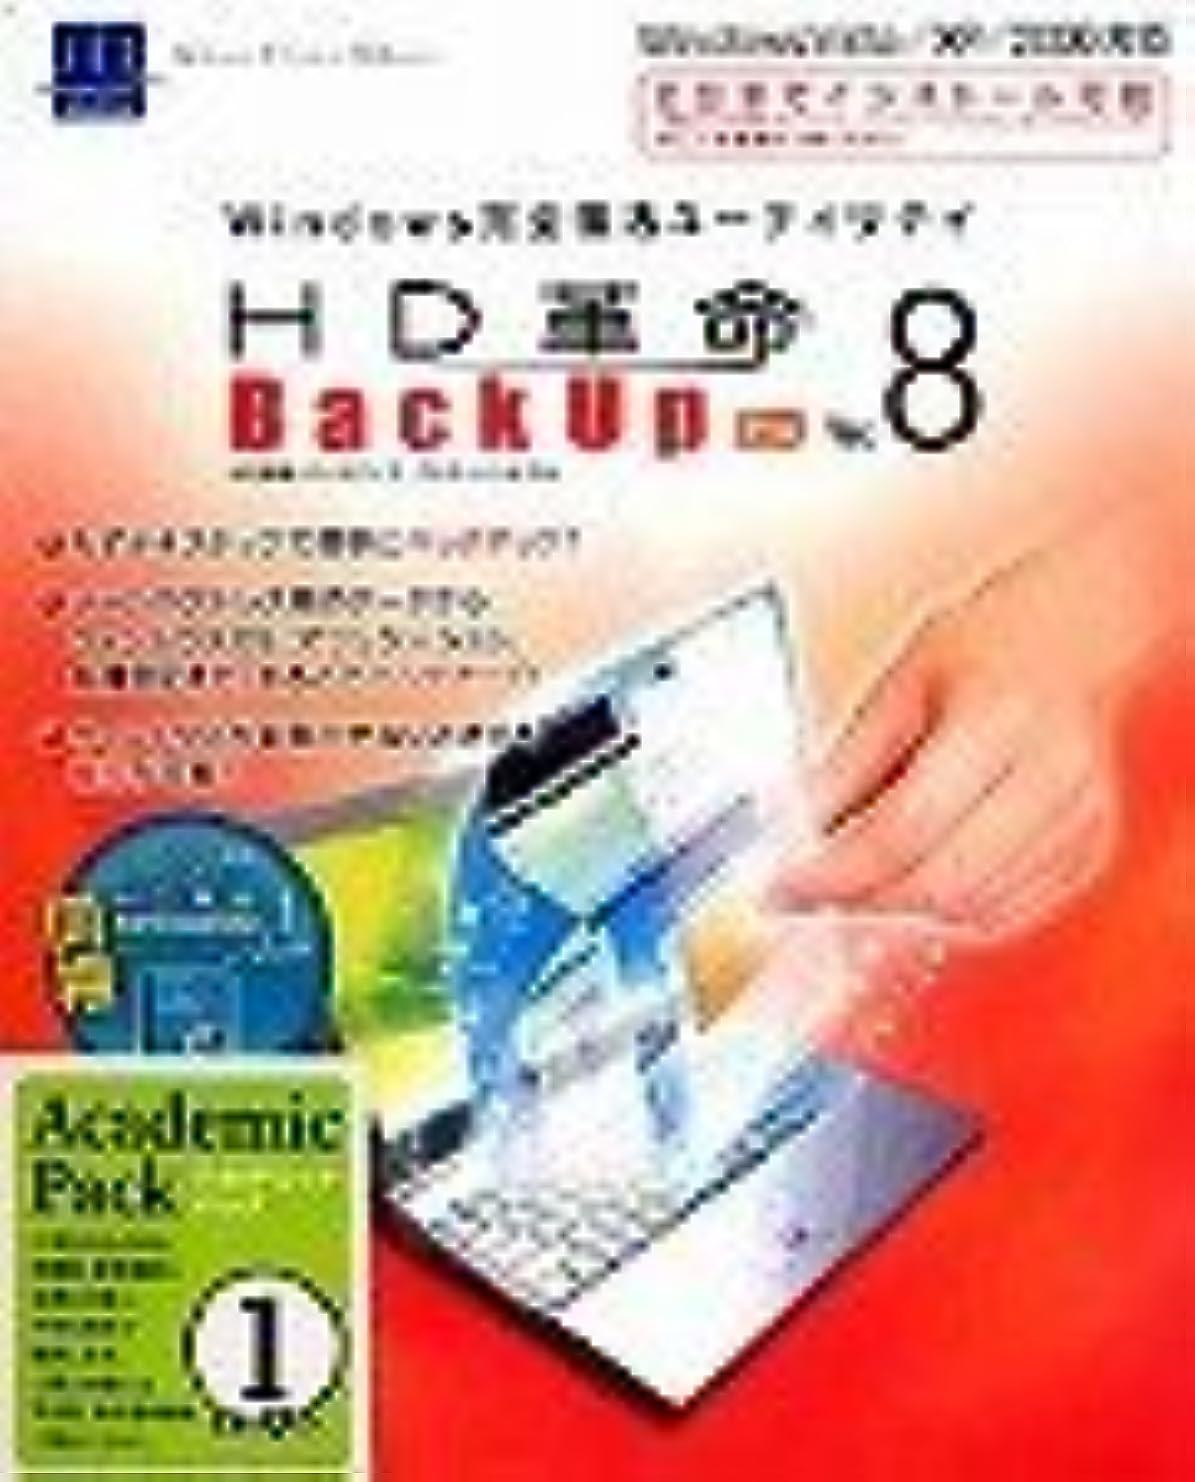 取り付け美容師ジュースHD革命/BackUp Ver.8 Pro アカデミックパック1ユーザー